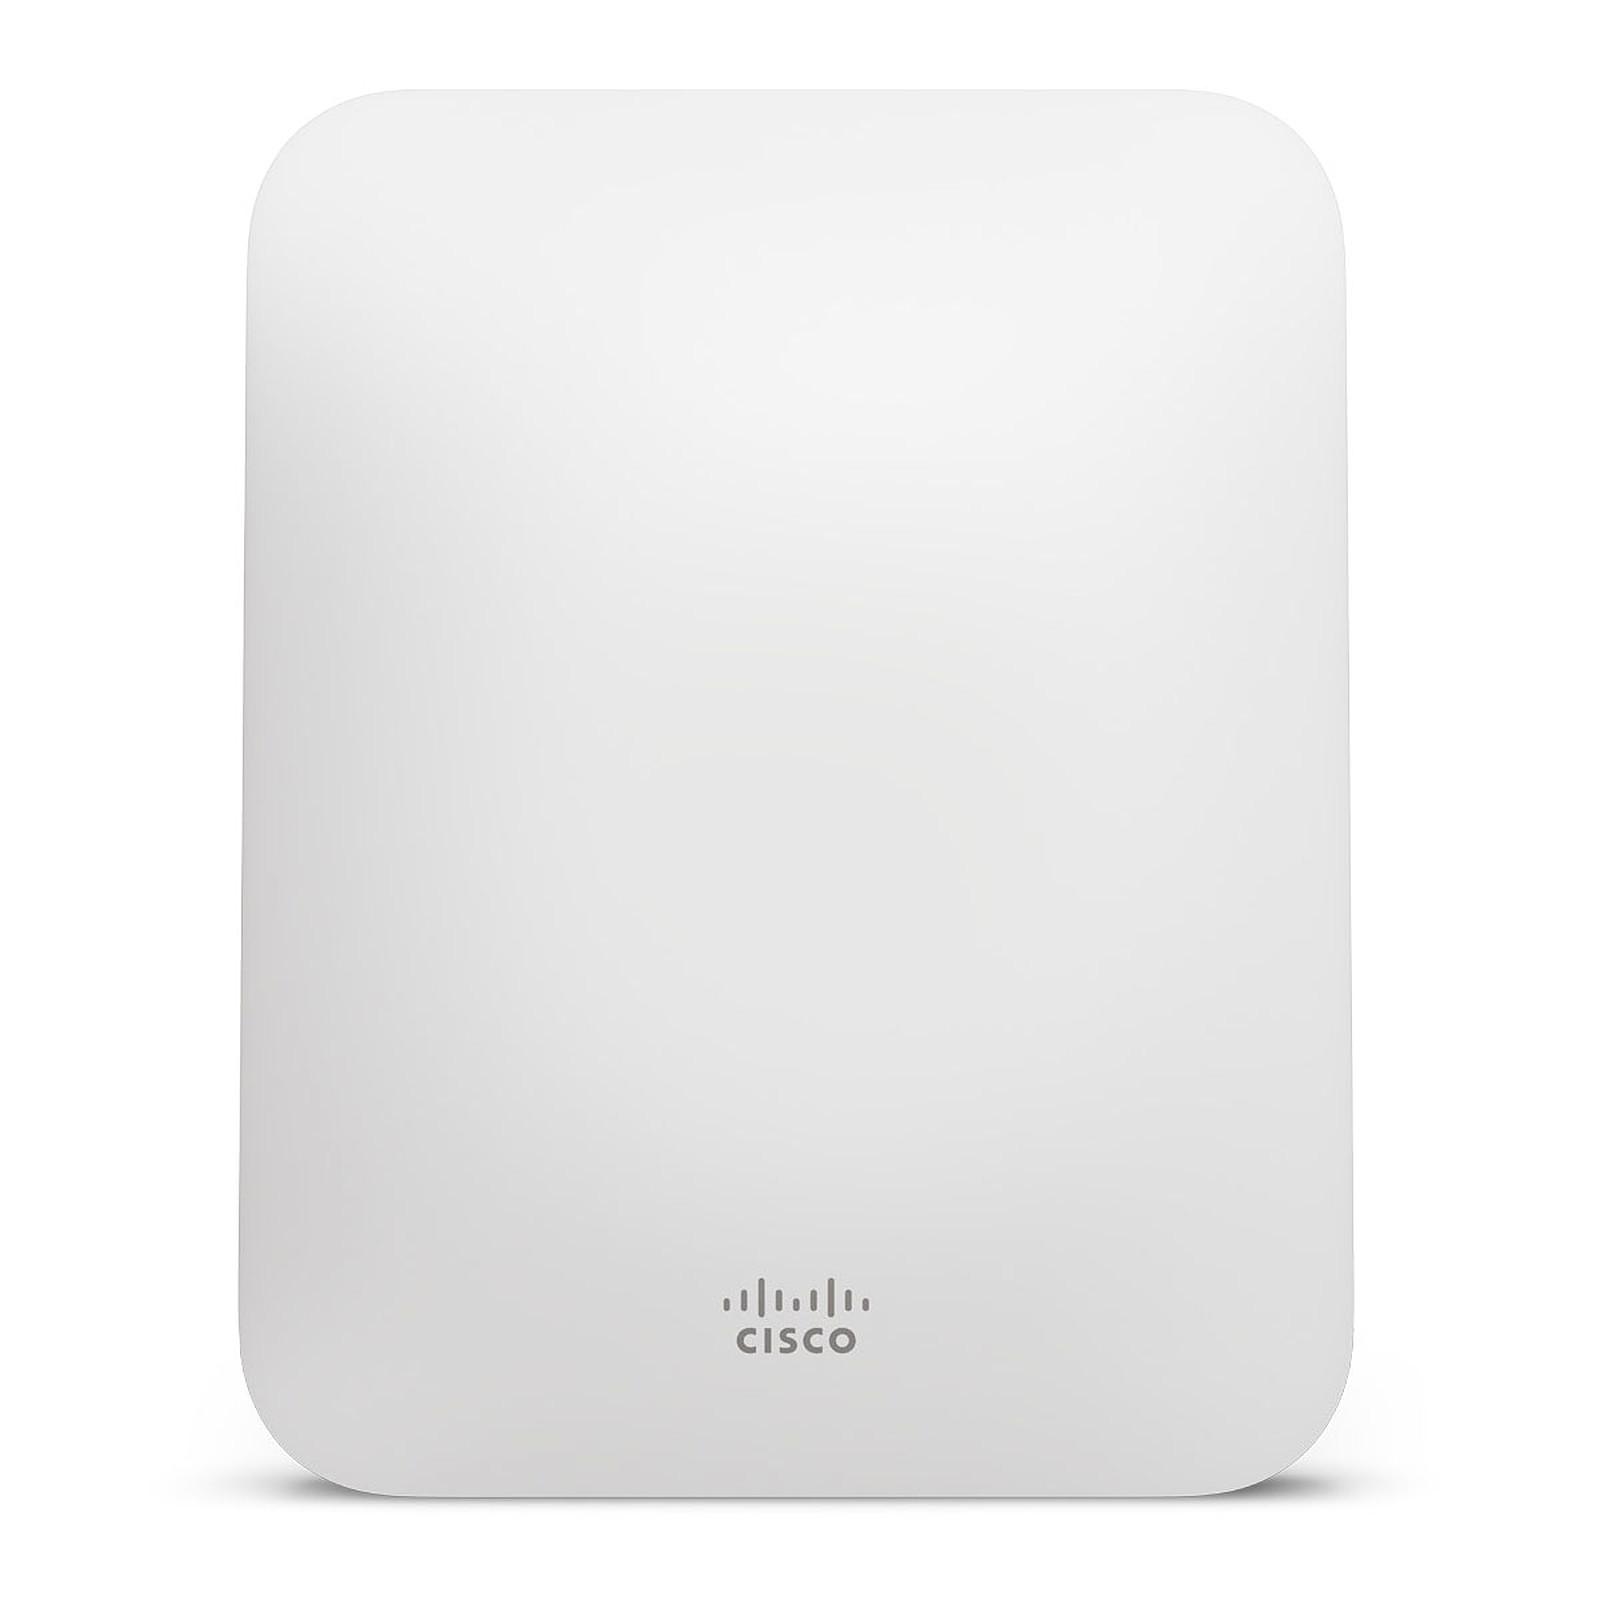 Cisco Meraki MR18-HW